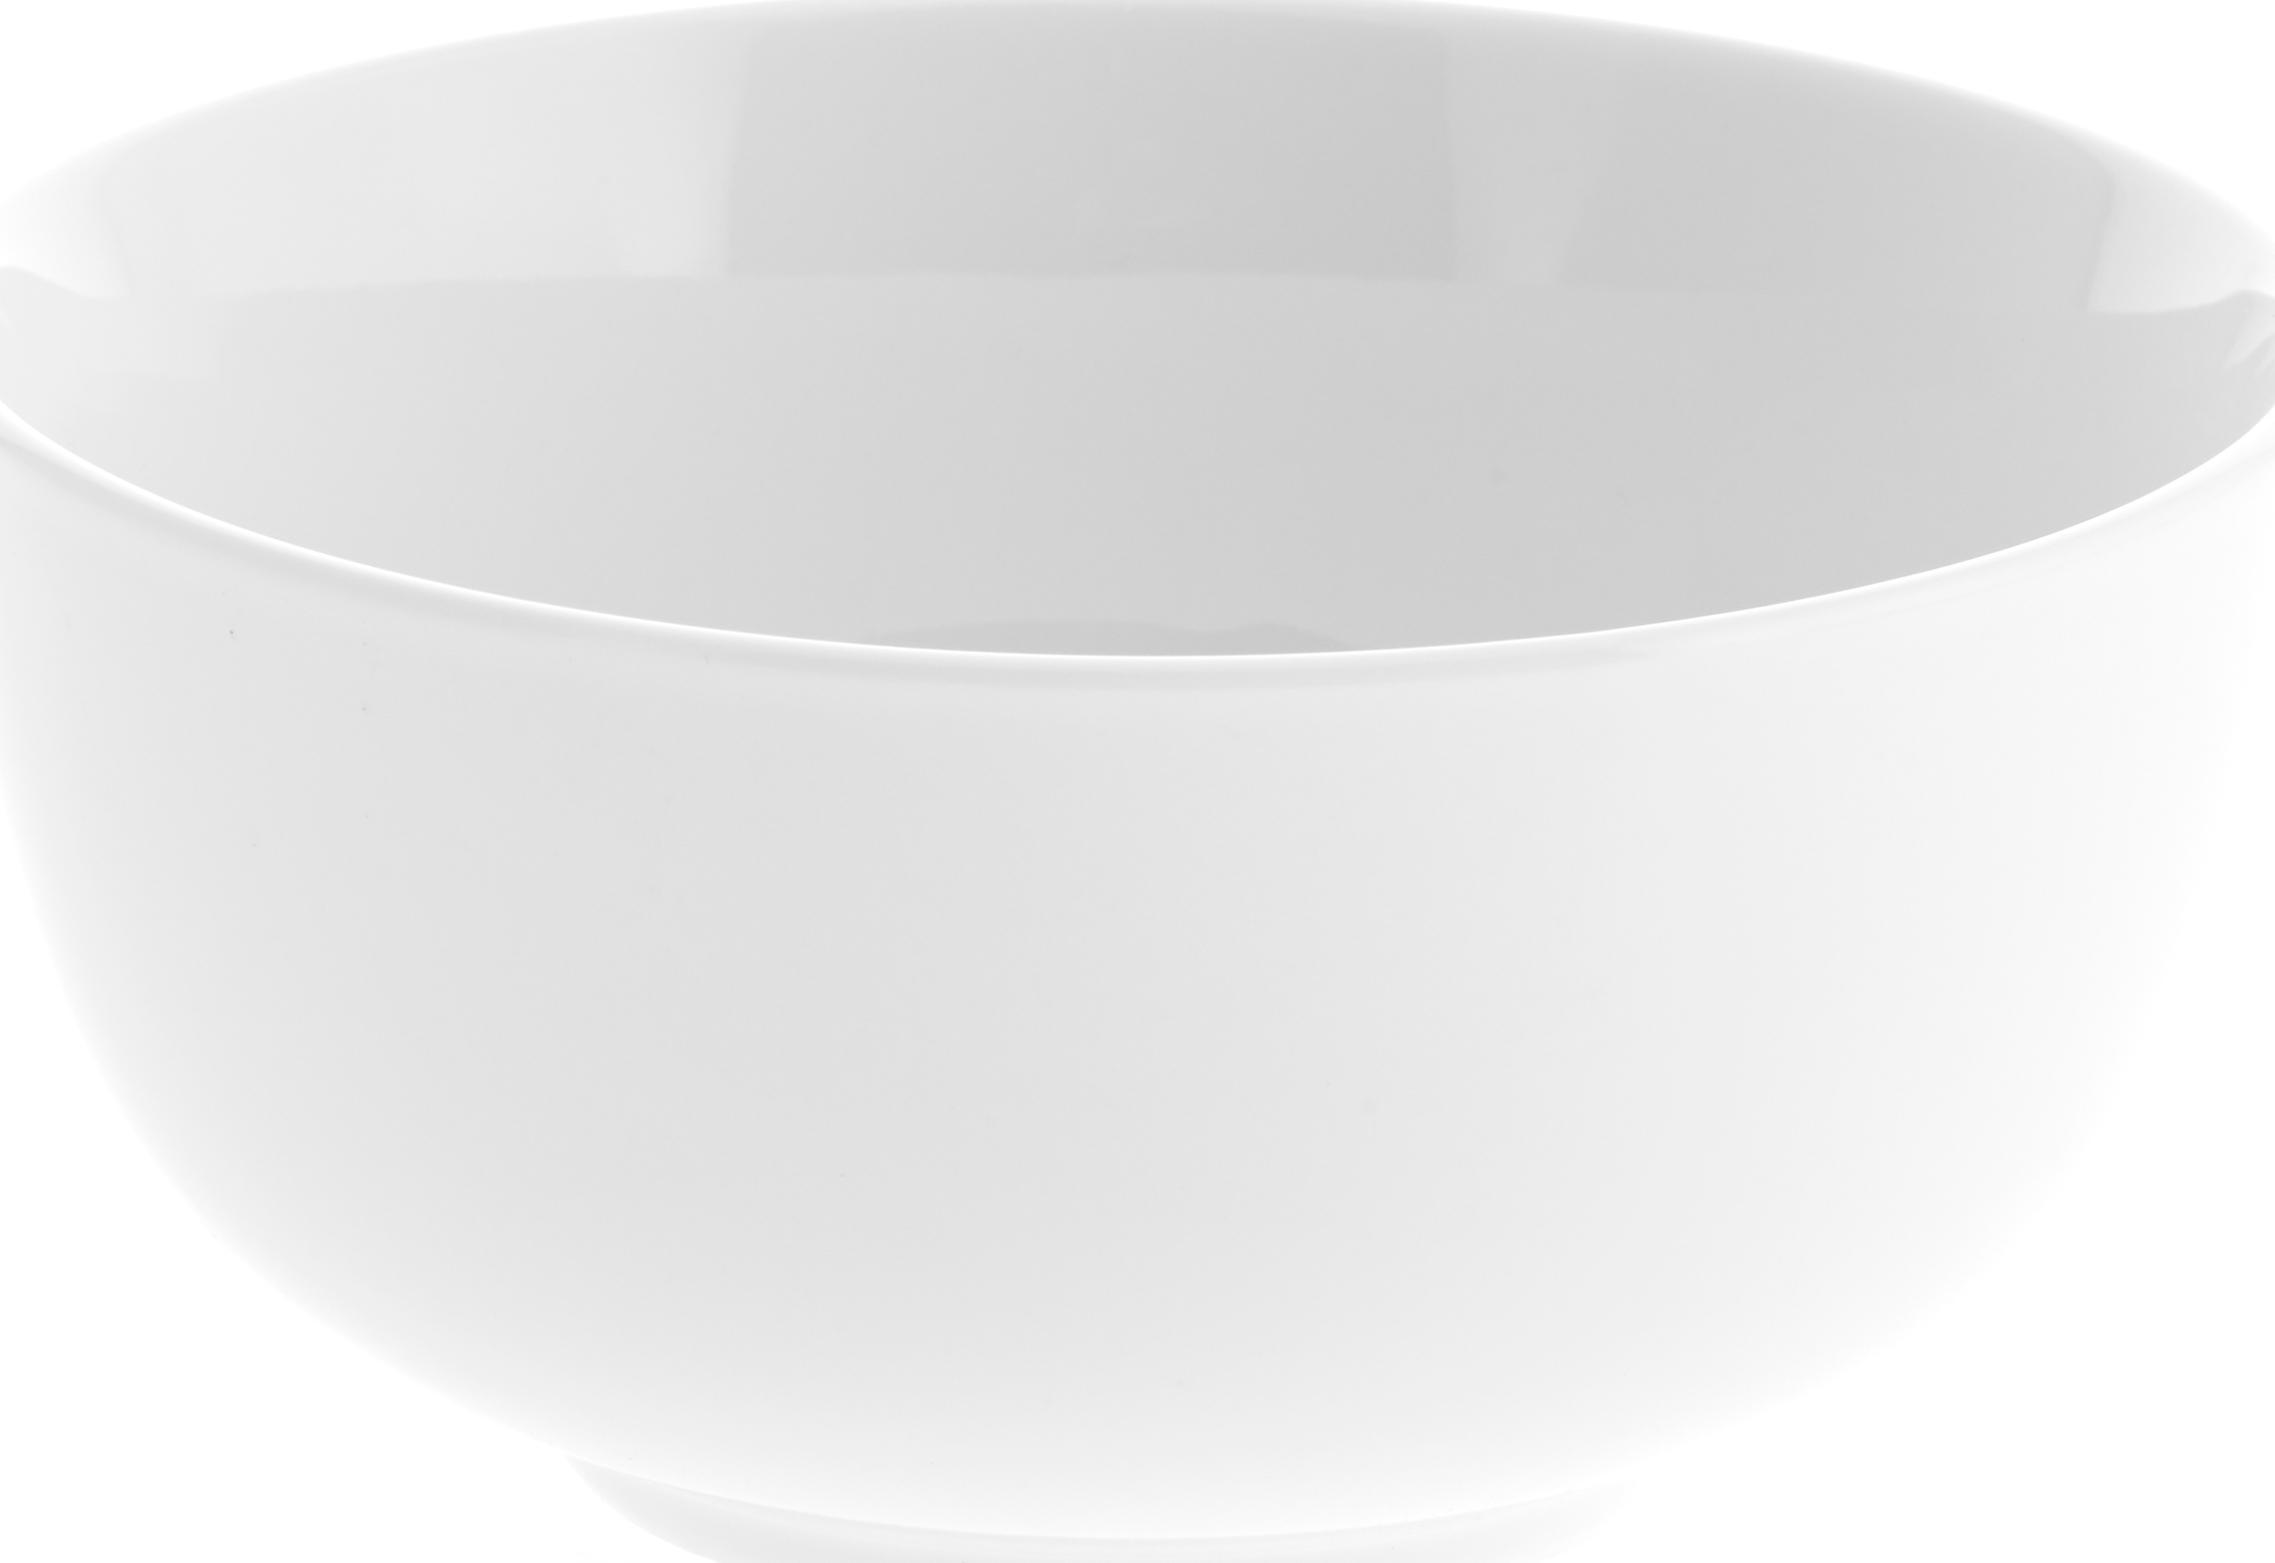 Cuencos de porcelana Delight, 2uds., Porcelana, Blanco, Ø 14 x Al 7 cm